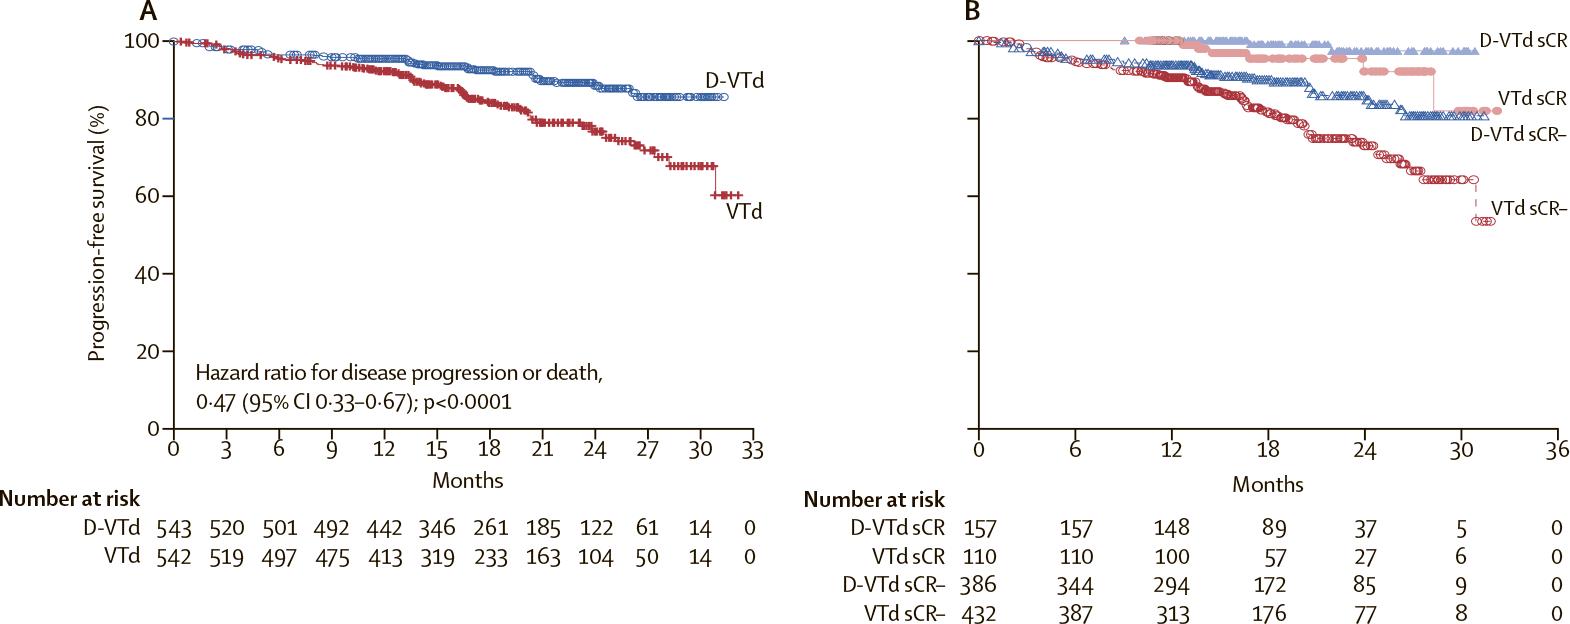 daratumumab nct02541383 results 03 - «Дарзалекс»: новая схема первоочередного лечения множественной миеломы